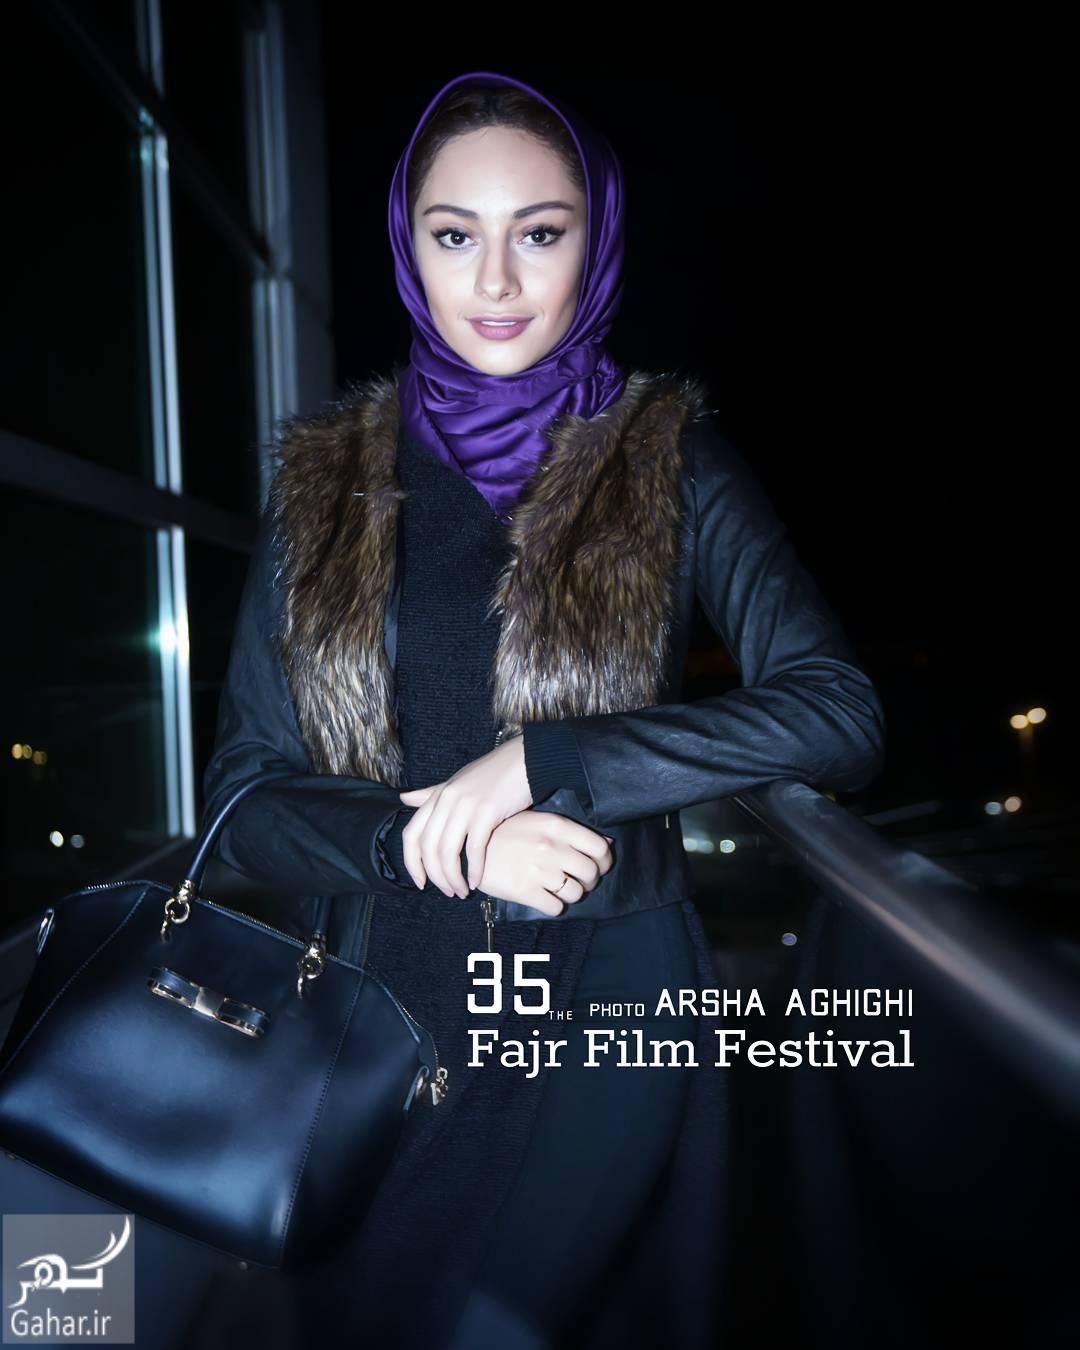 1486204720 حضور بازیگران در روز ششم از جشنواره فیلم فجر 95 ؛ عکس